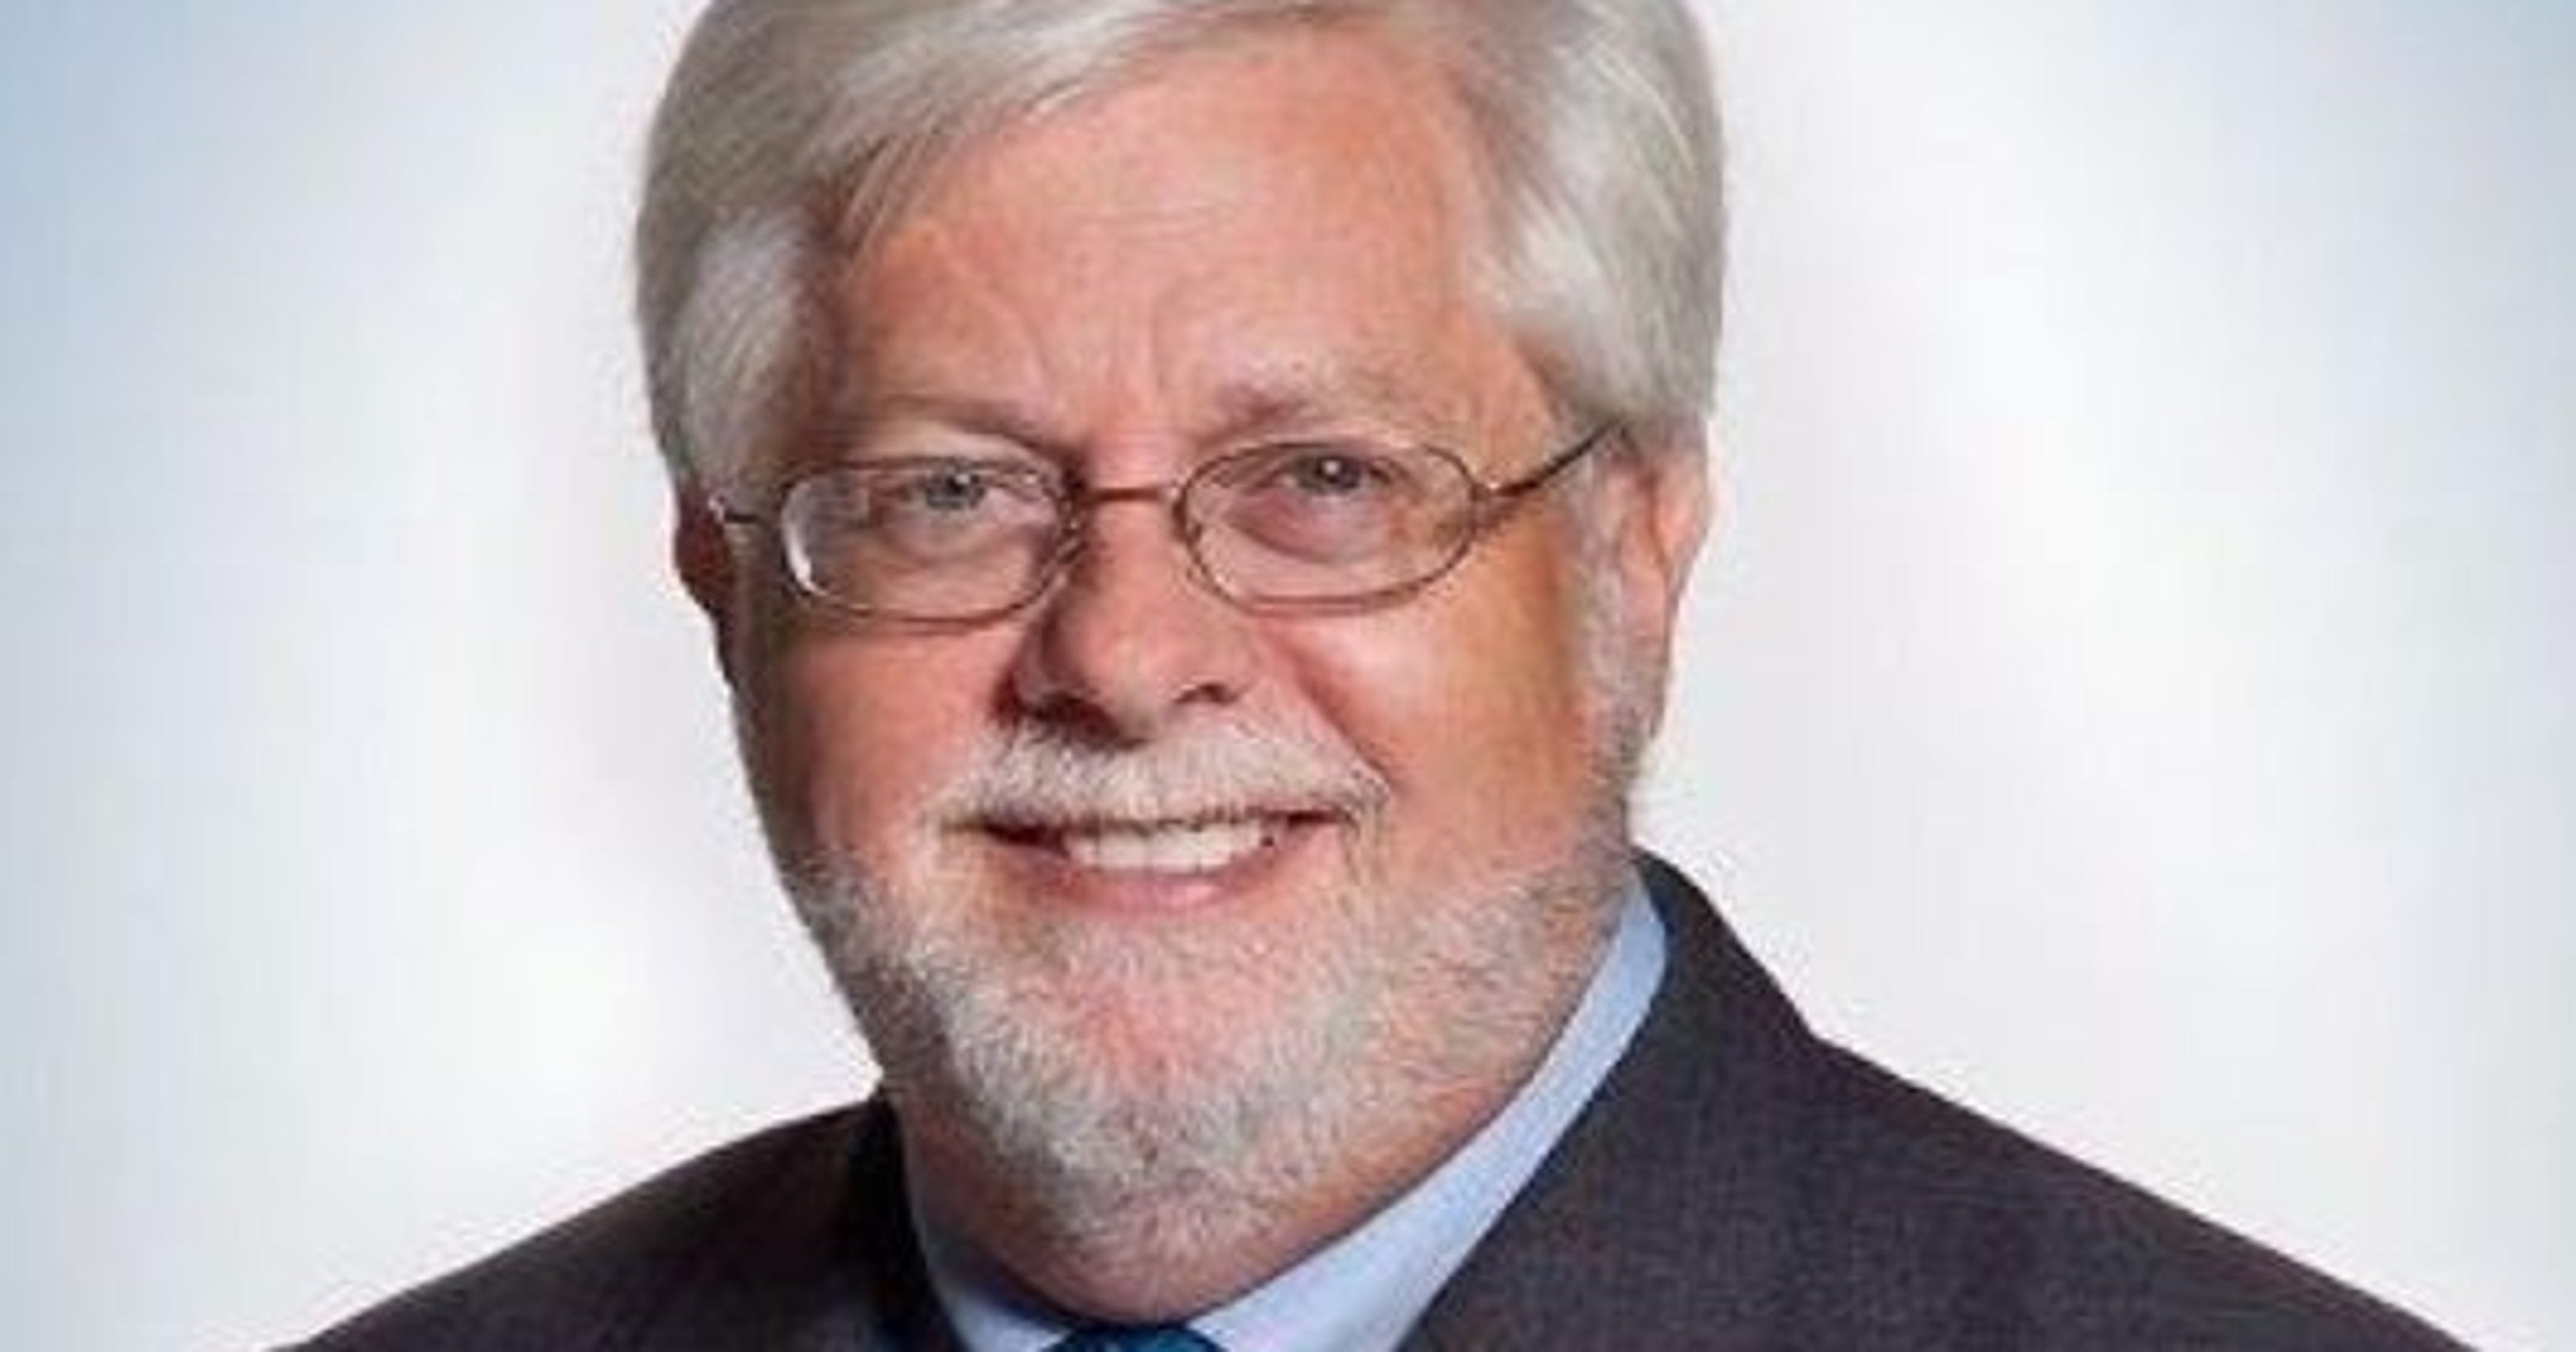 GM at WDBJ7-TV has ties to Louisville